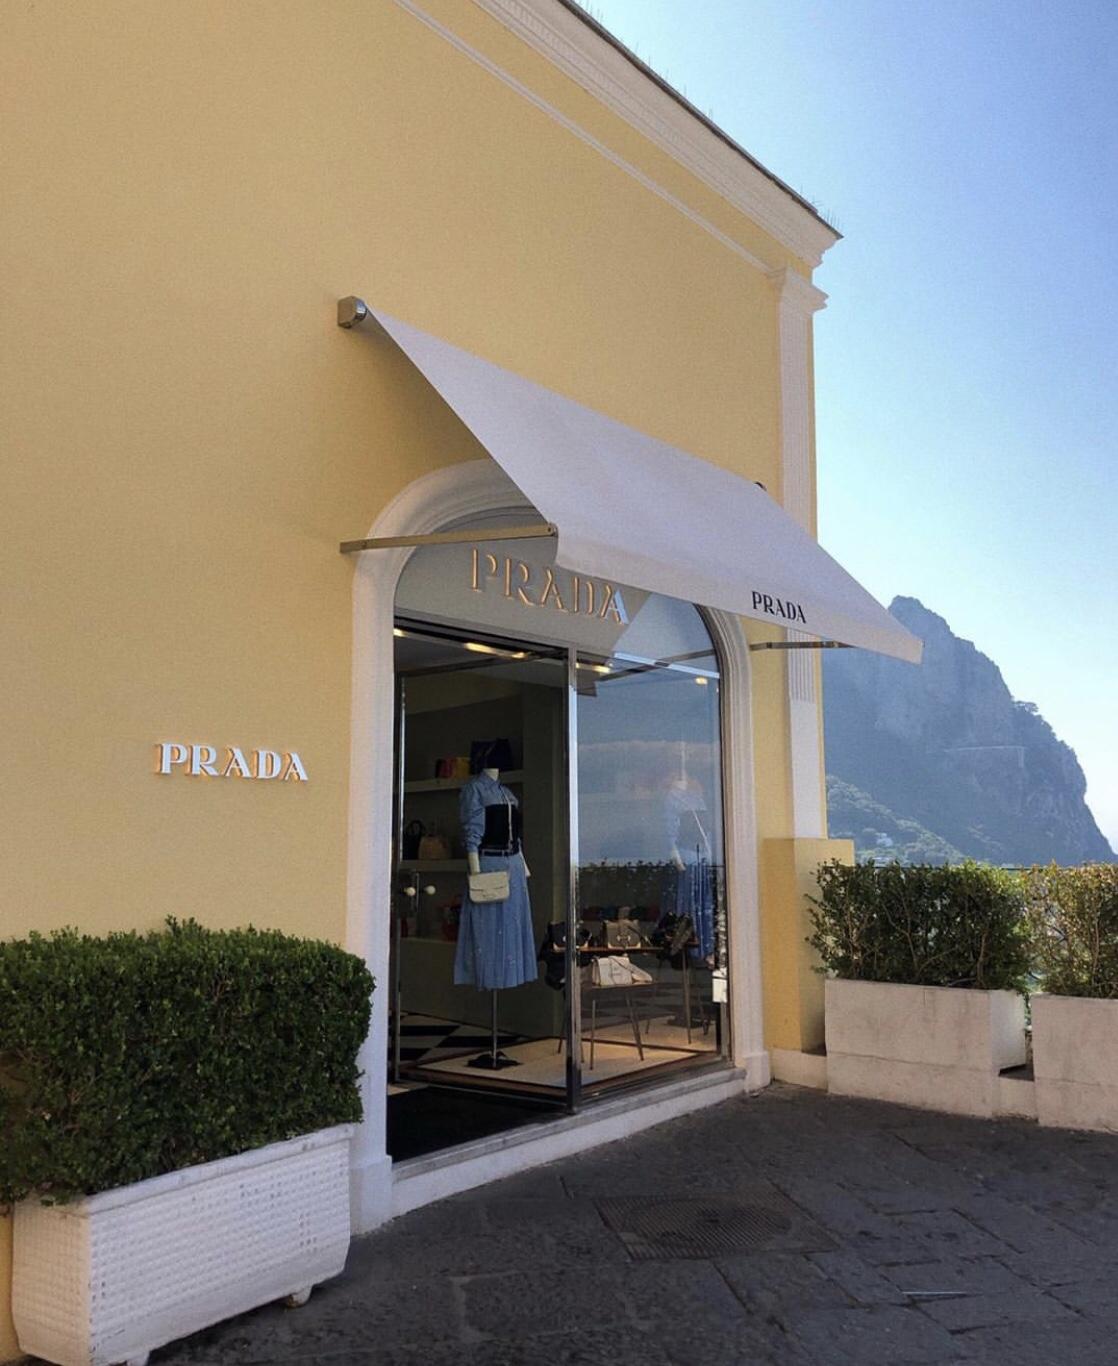 The Prada store in Capri, Italy.